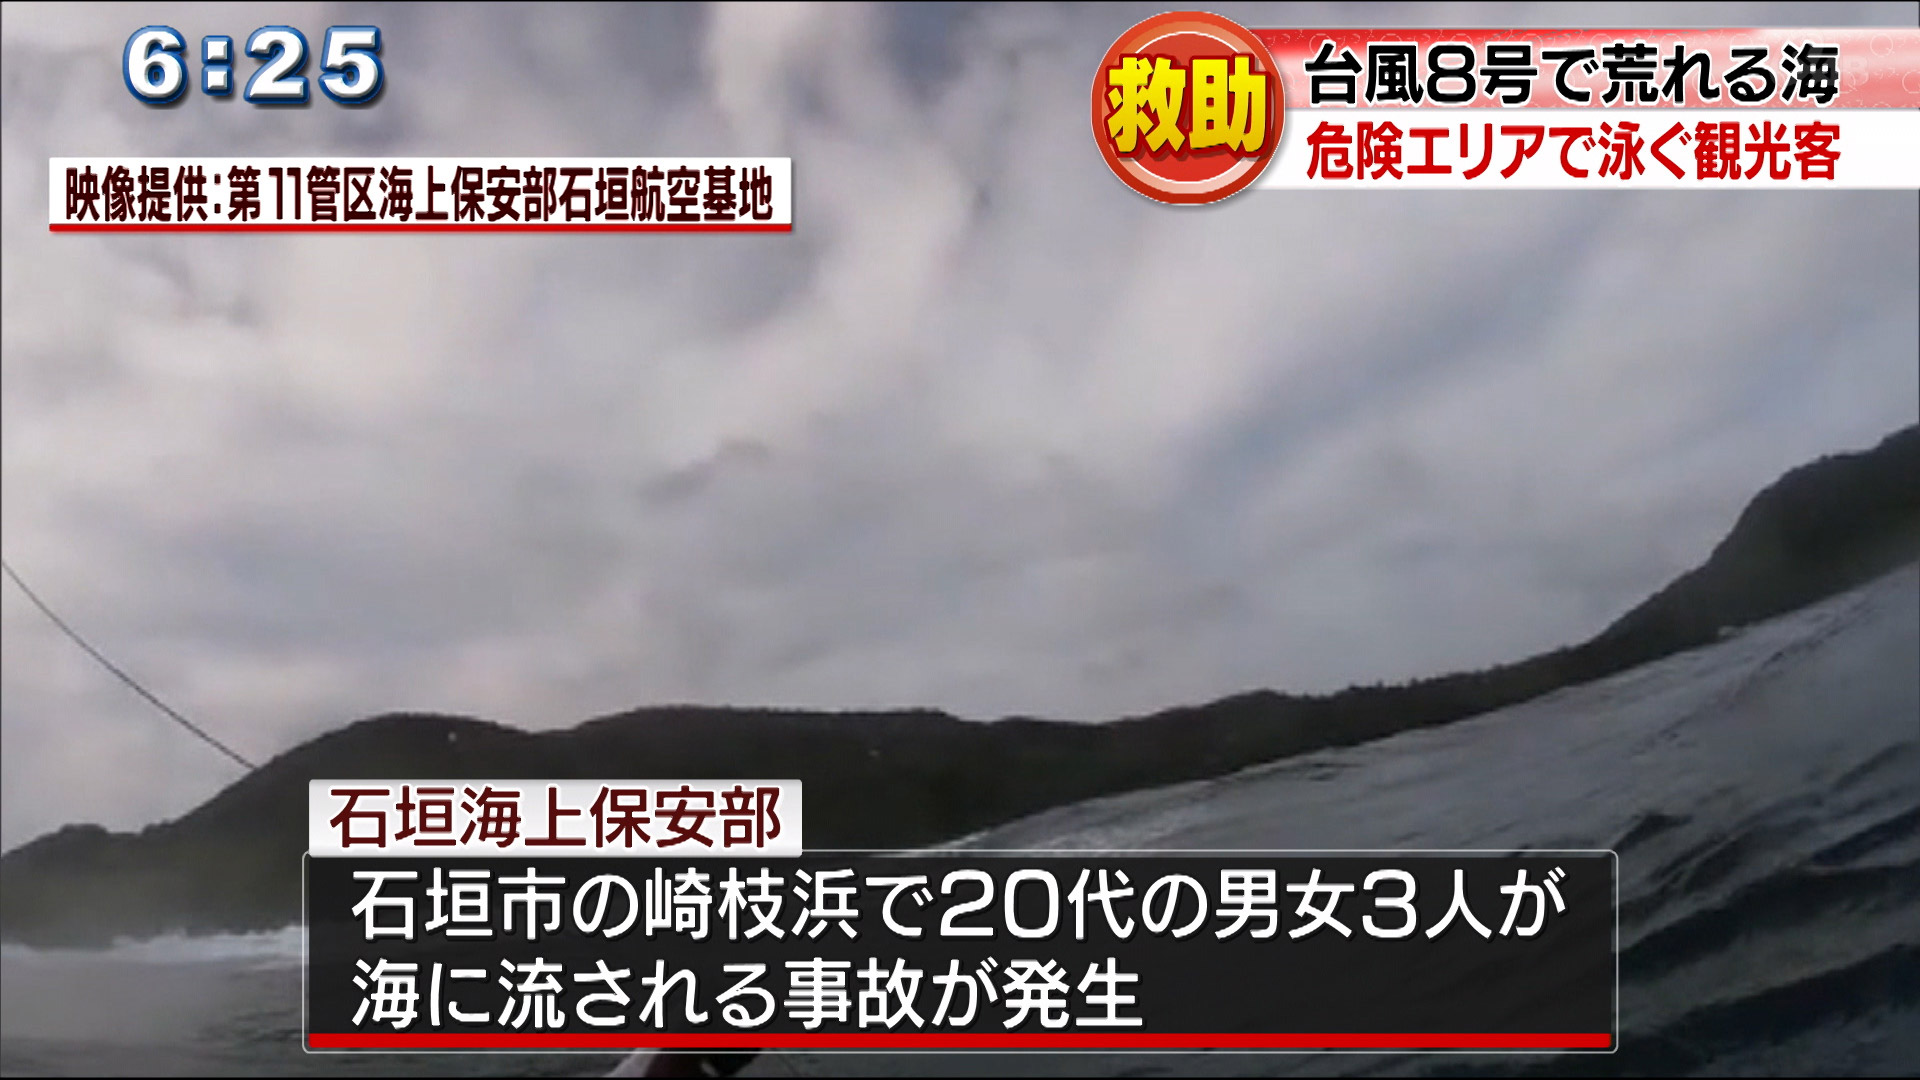 台風の影響で海あれる中、遊泳危険エリアで泳ぎ救助